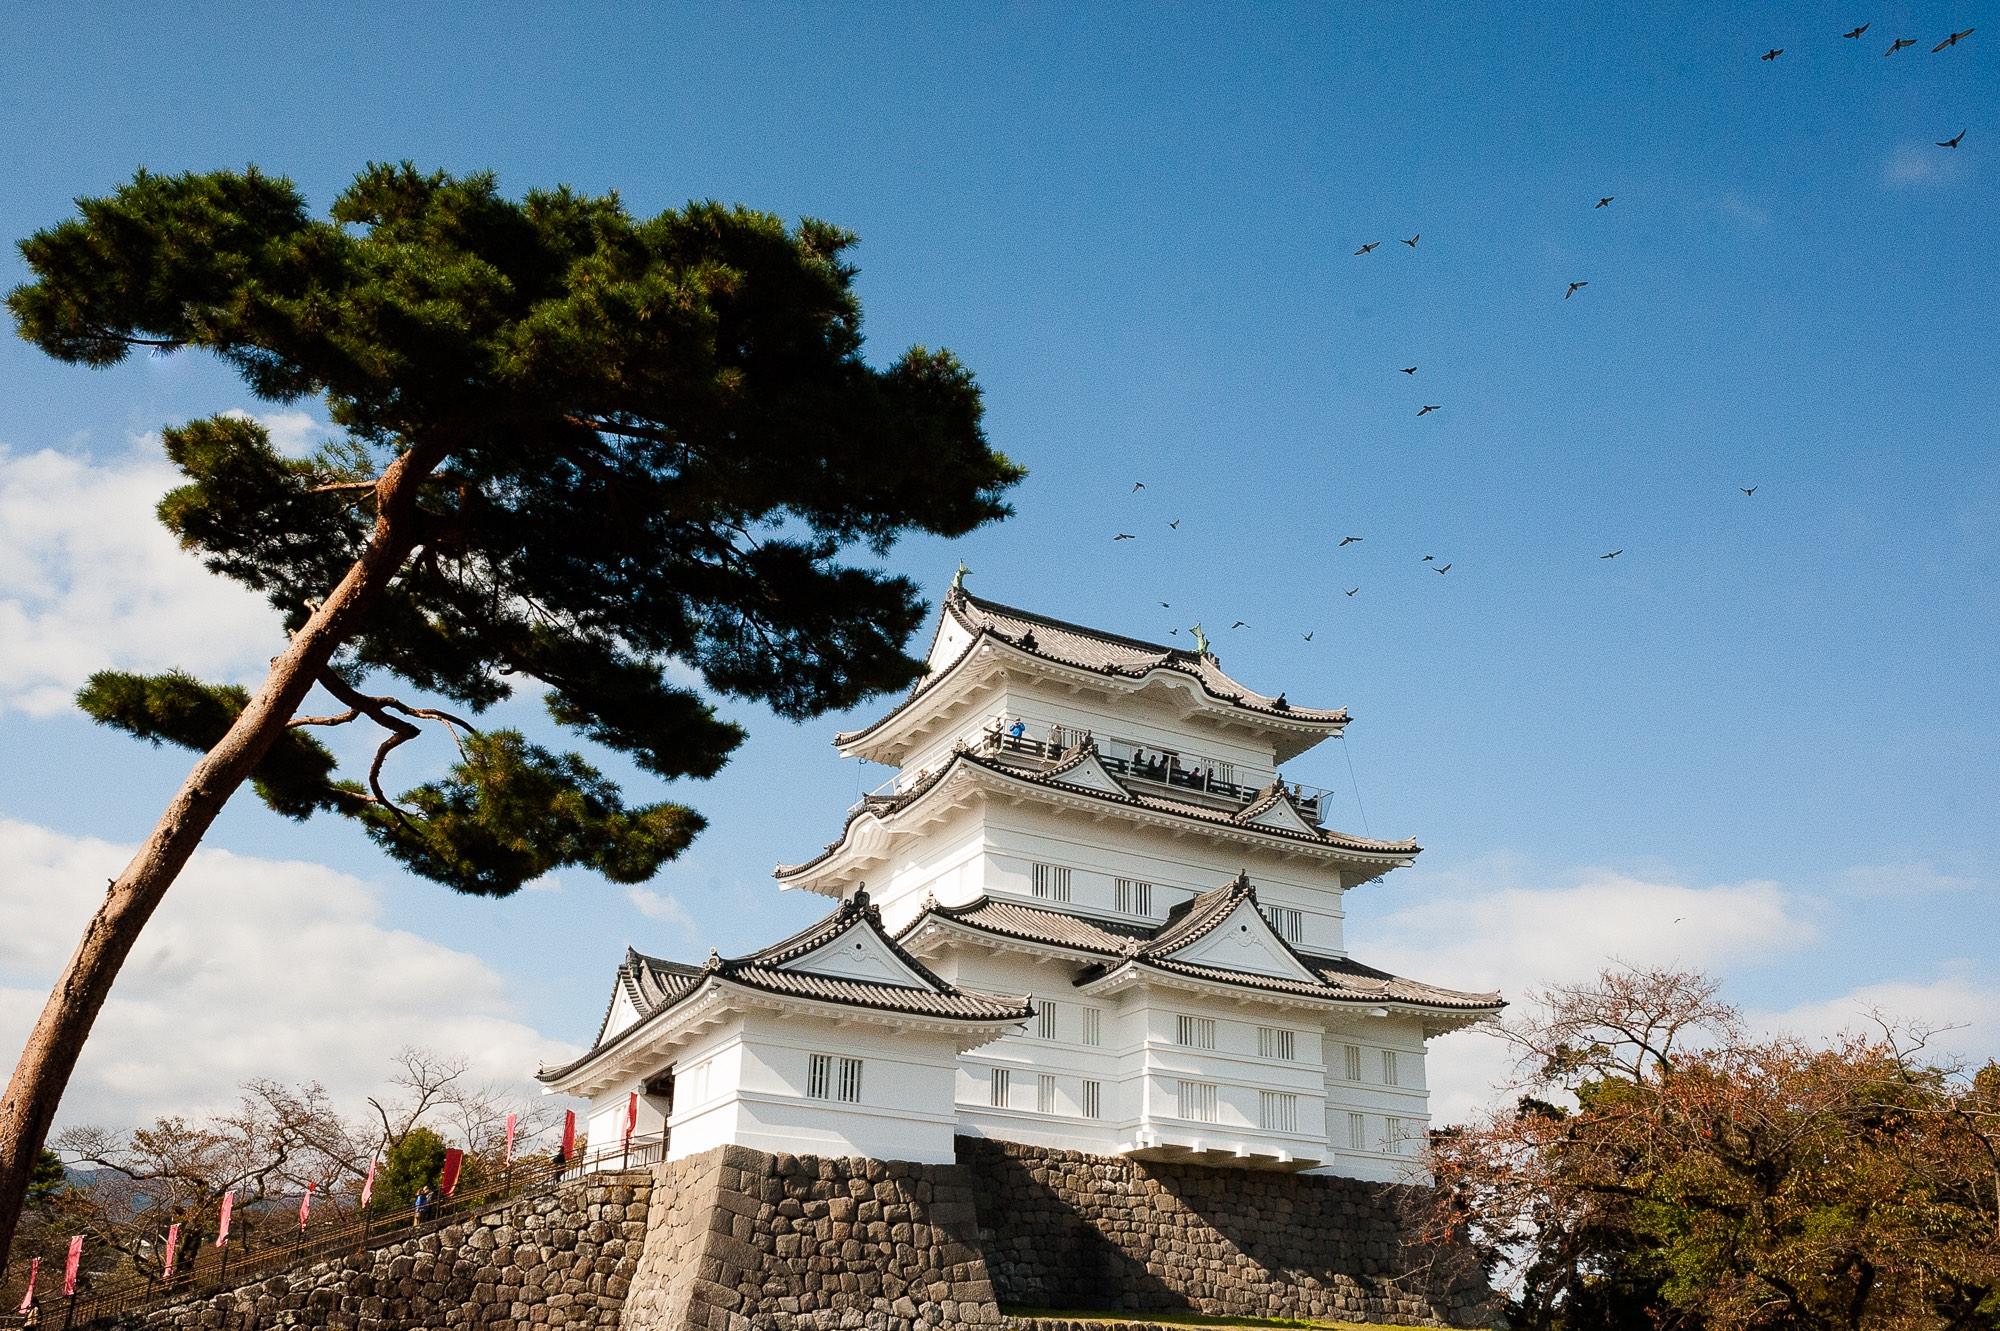 Odawara Castle, Kanagawa